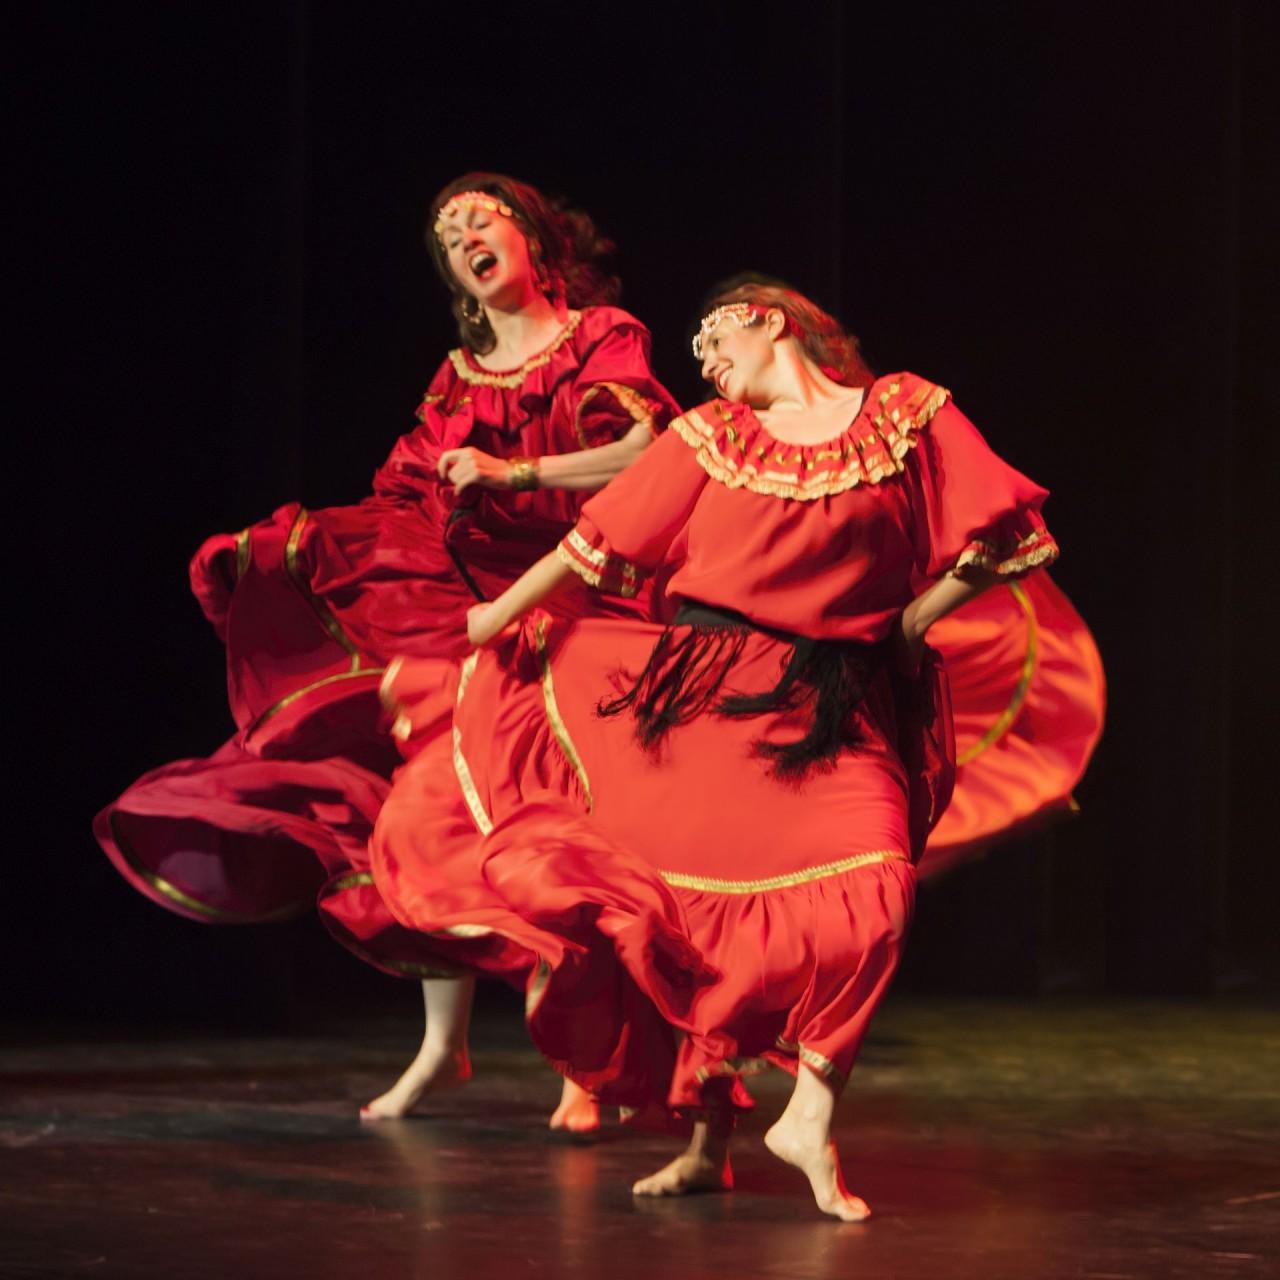 dansen ballet van den Ende (17) (18 van 1)